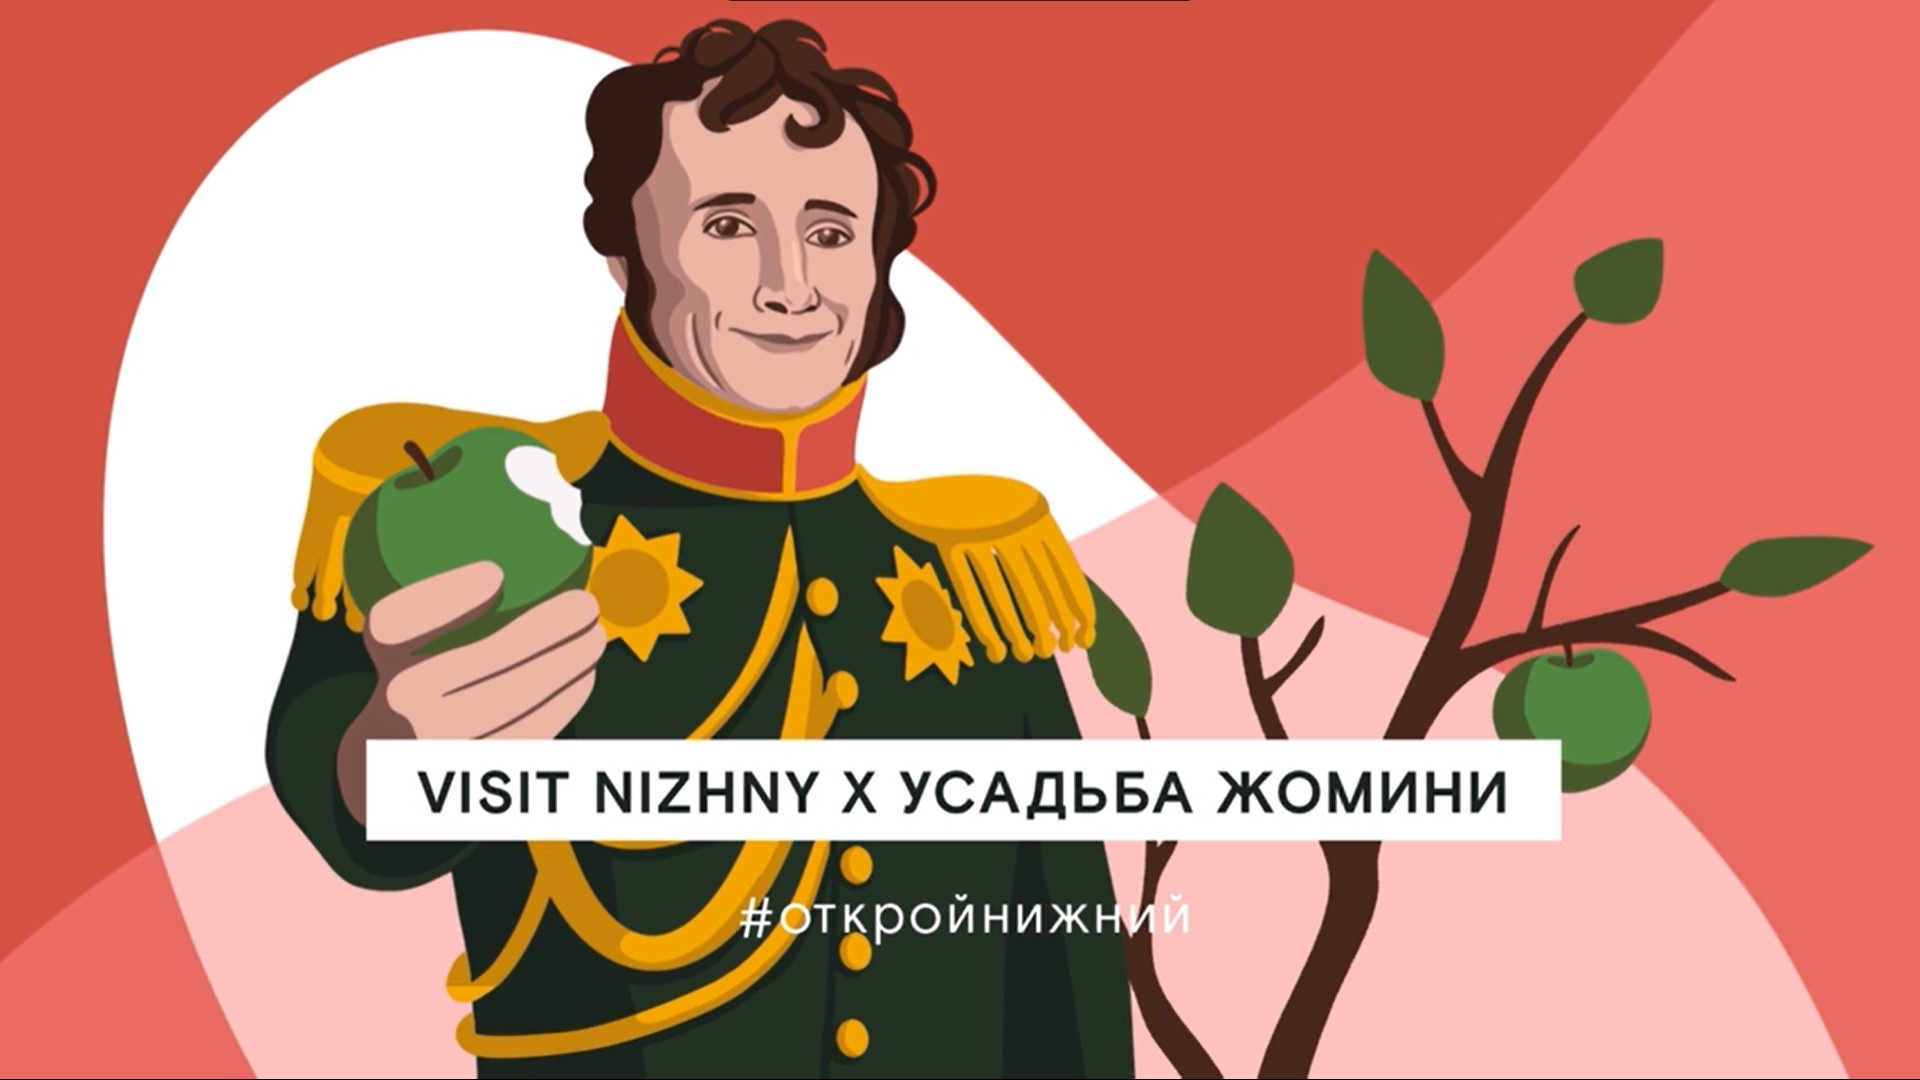 Посетить усадьбу барона Жомини в Гагинском районе можно в онлайн-режиме